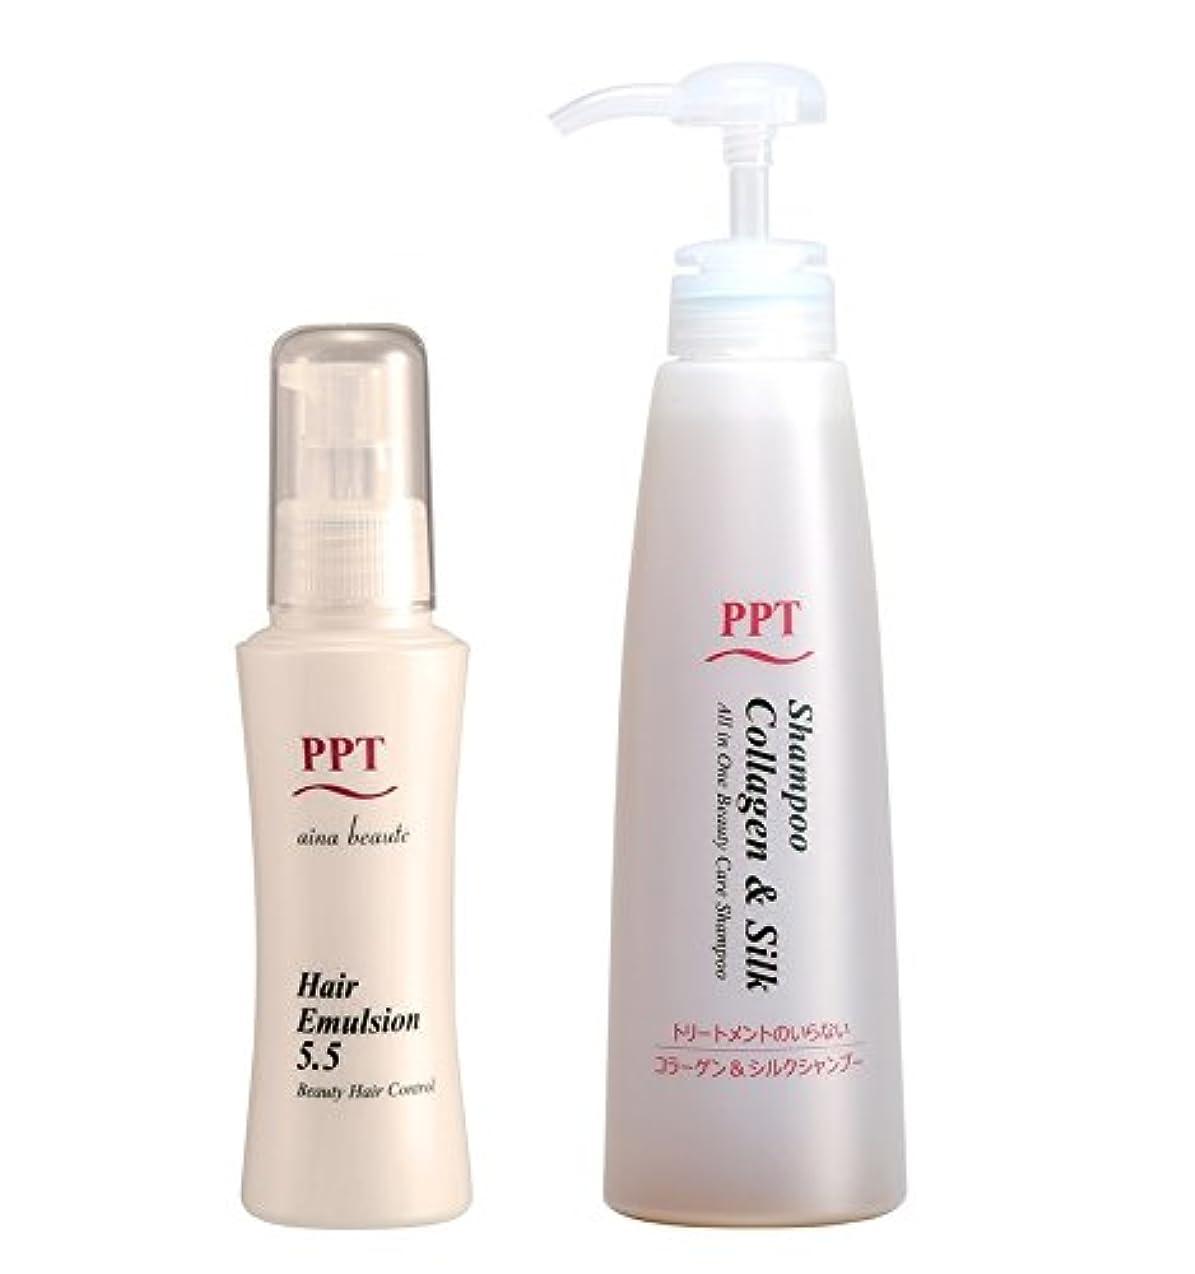 熟読満足させるアソシエイトPPTコラーゲン&シルクシャンプー乾燥肌~普通肌用(しっとり),PPTヘアエマルジョン5.5セット